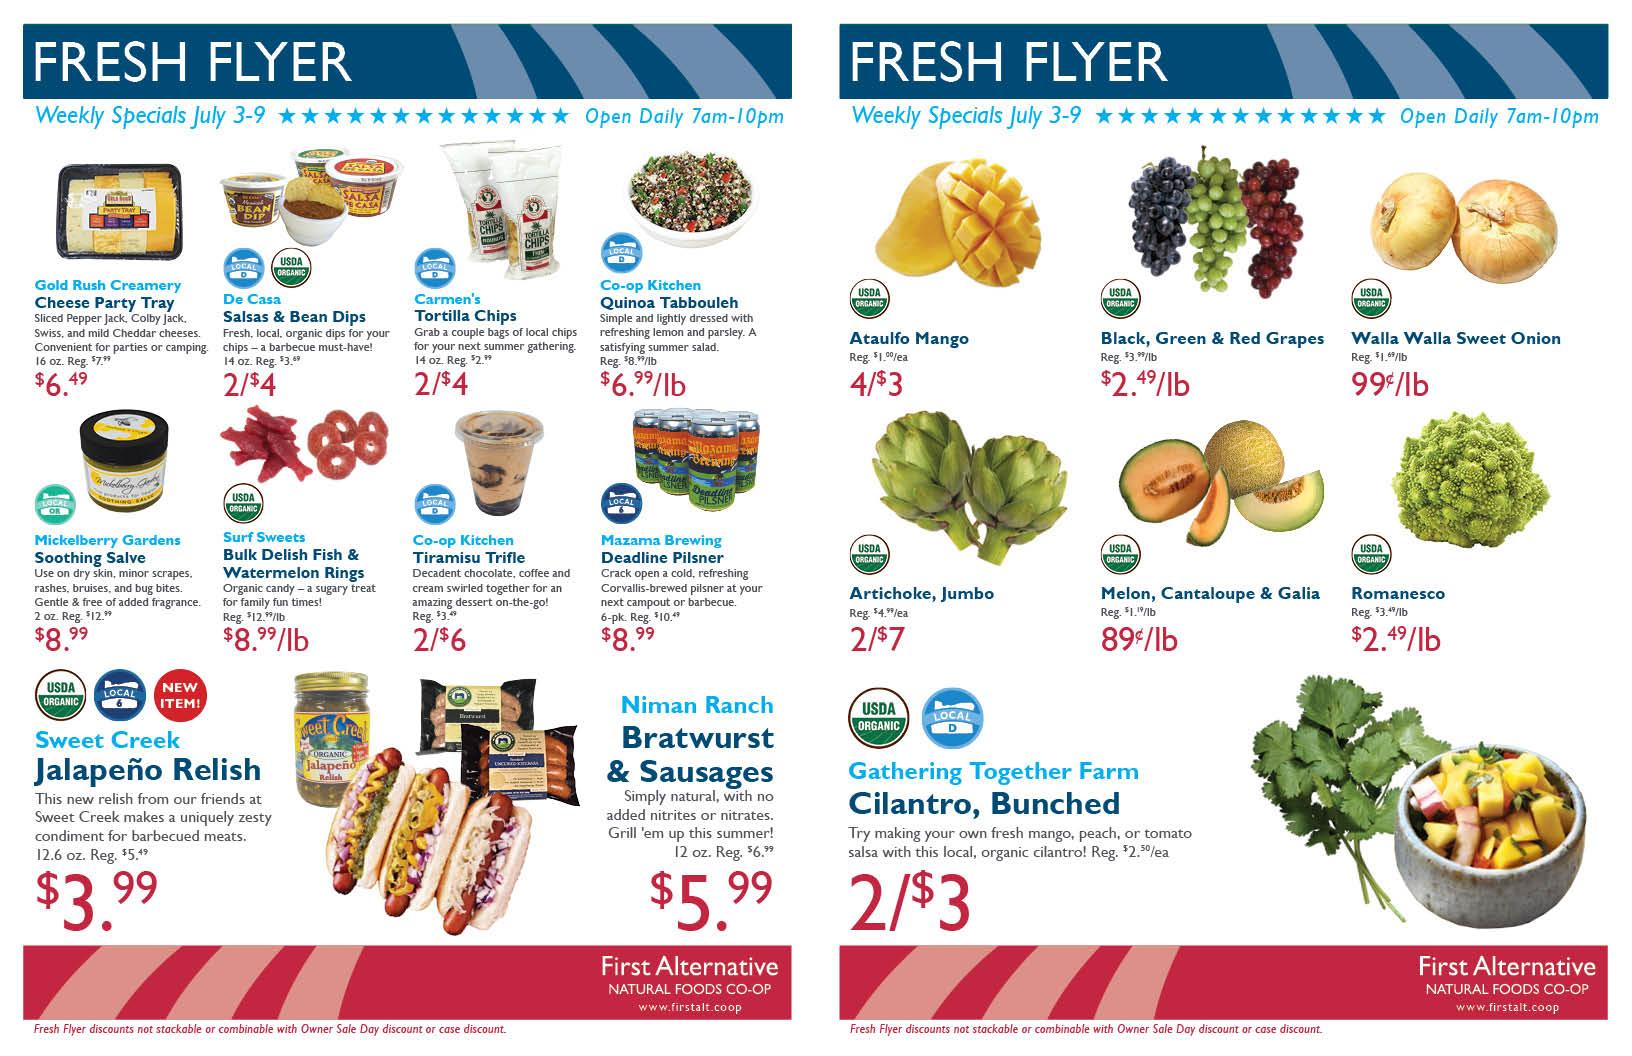 First Alternative Co-op Fresh Flyer July 3-9